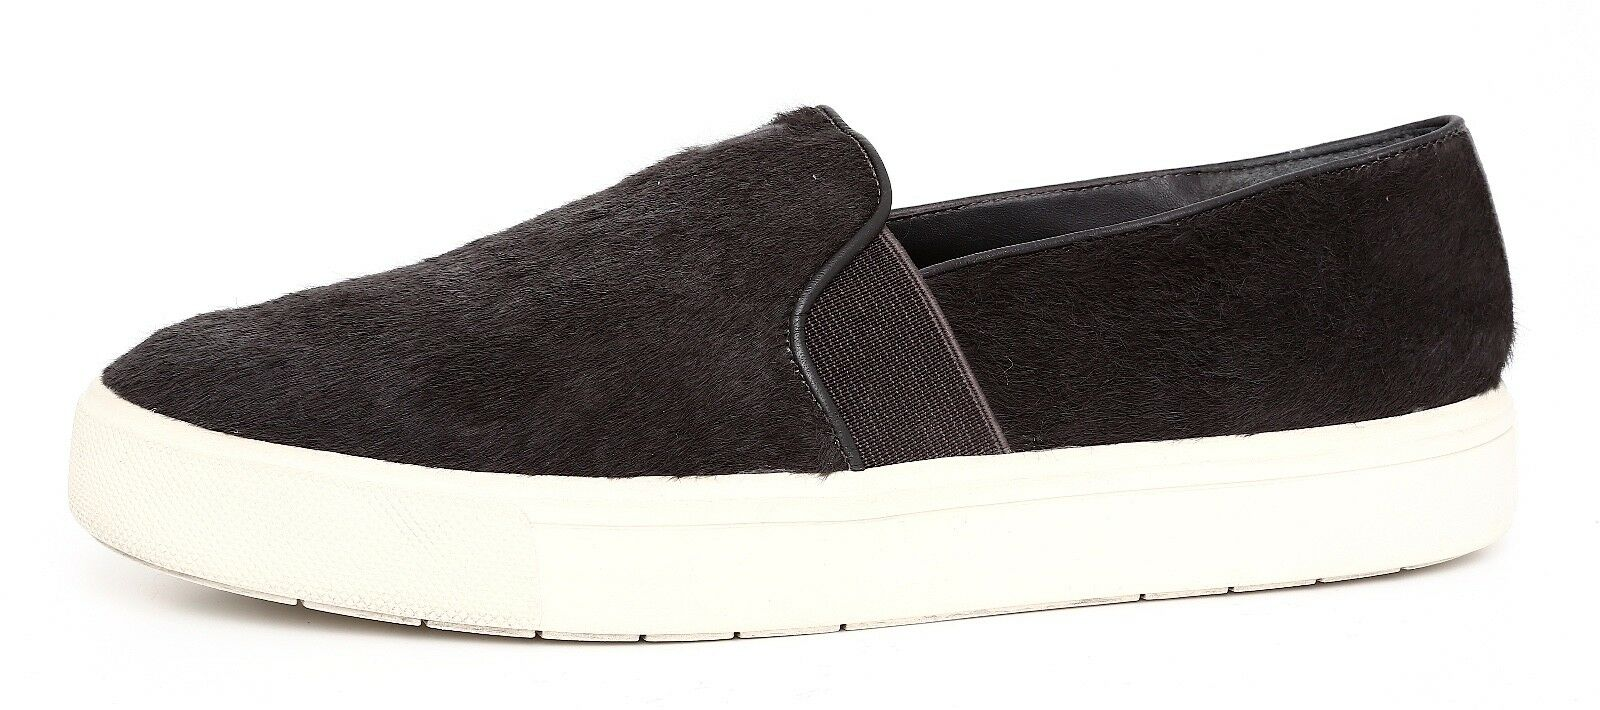 stile classico Vince Donna  grigio grigio grigio Calf Hair Slip On scarpe Sz 8M 2489  prendiamo i clienti come nostro dio